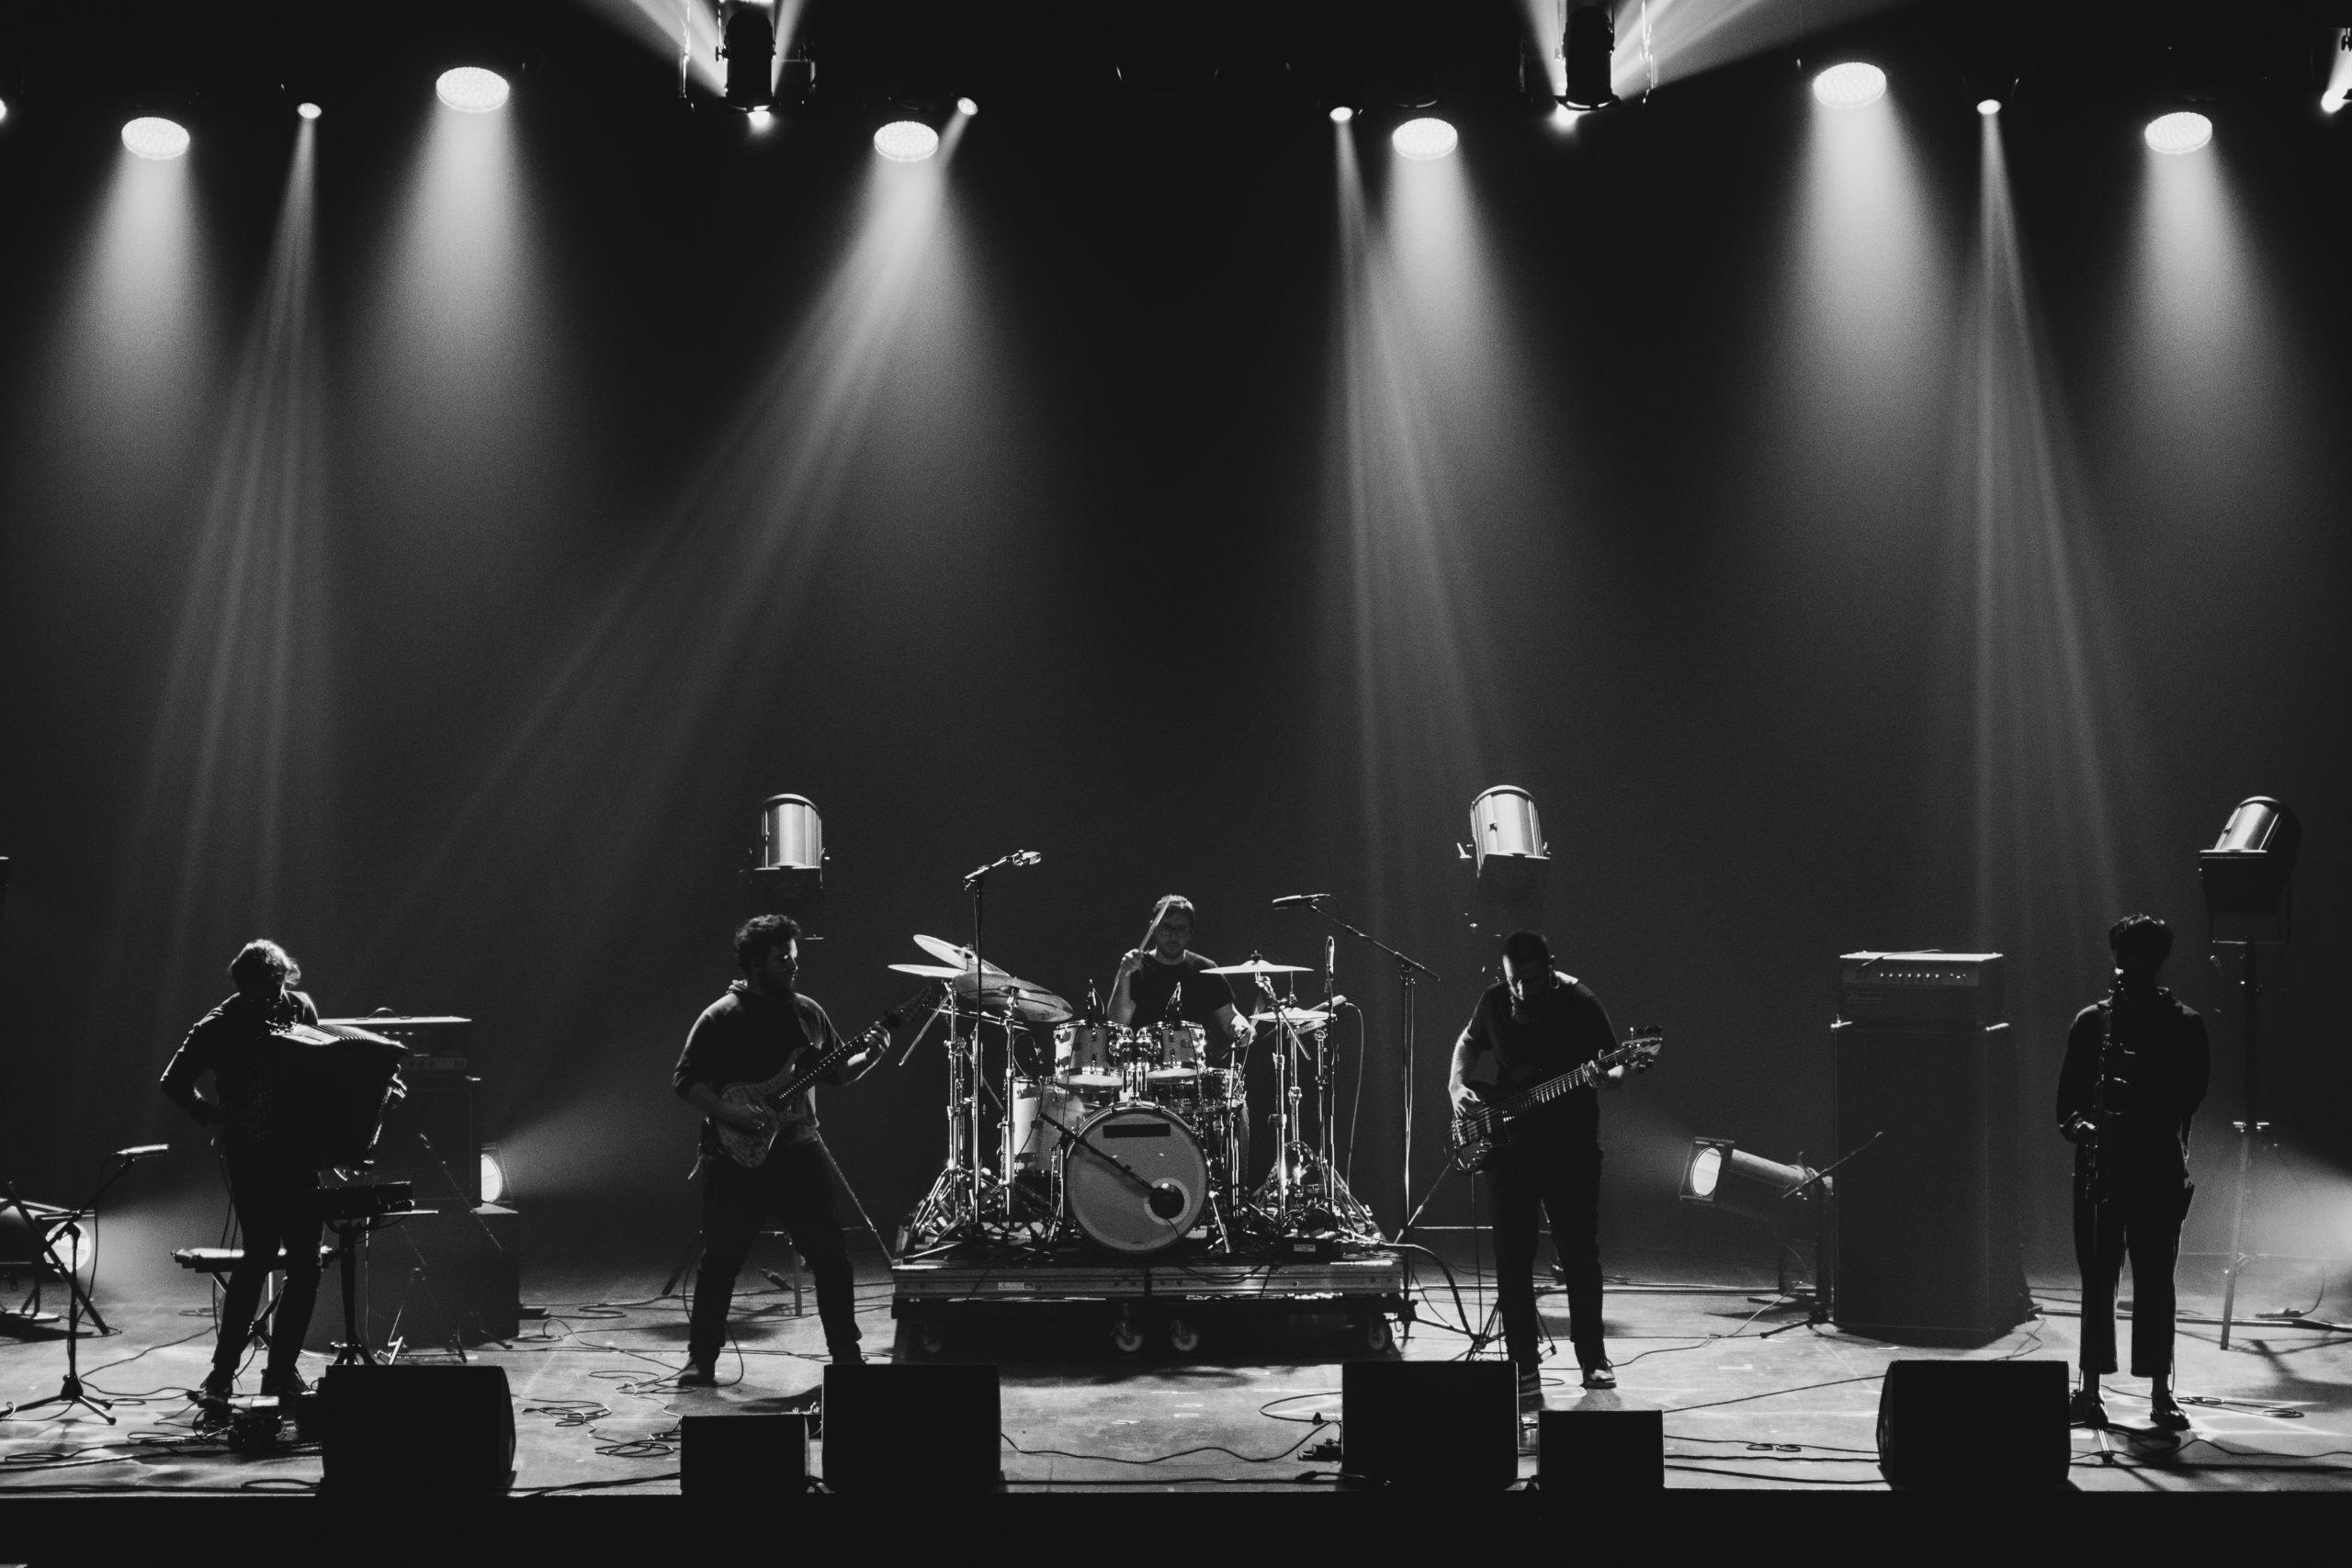 CKRAFT sur scène. Crédit photo: Lucie WLD